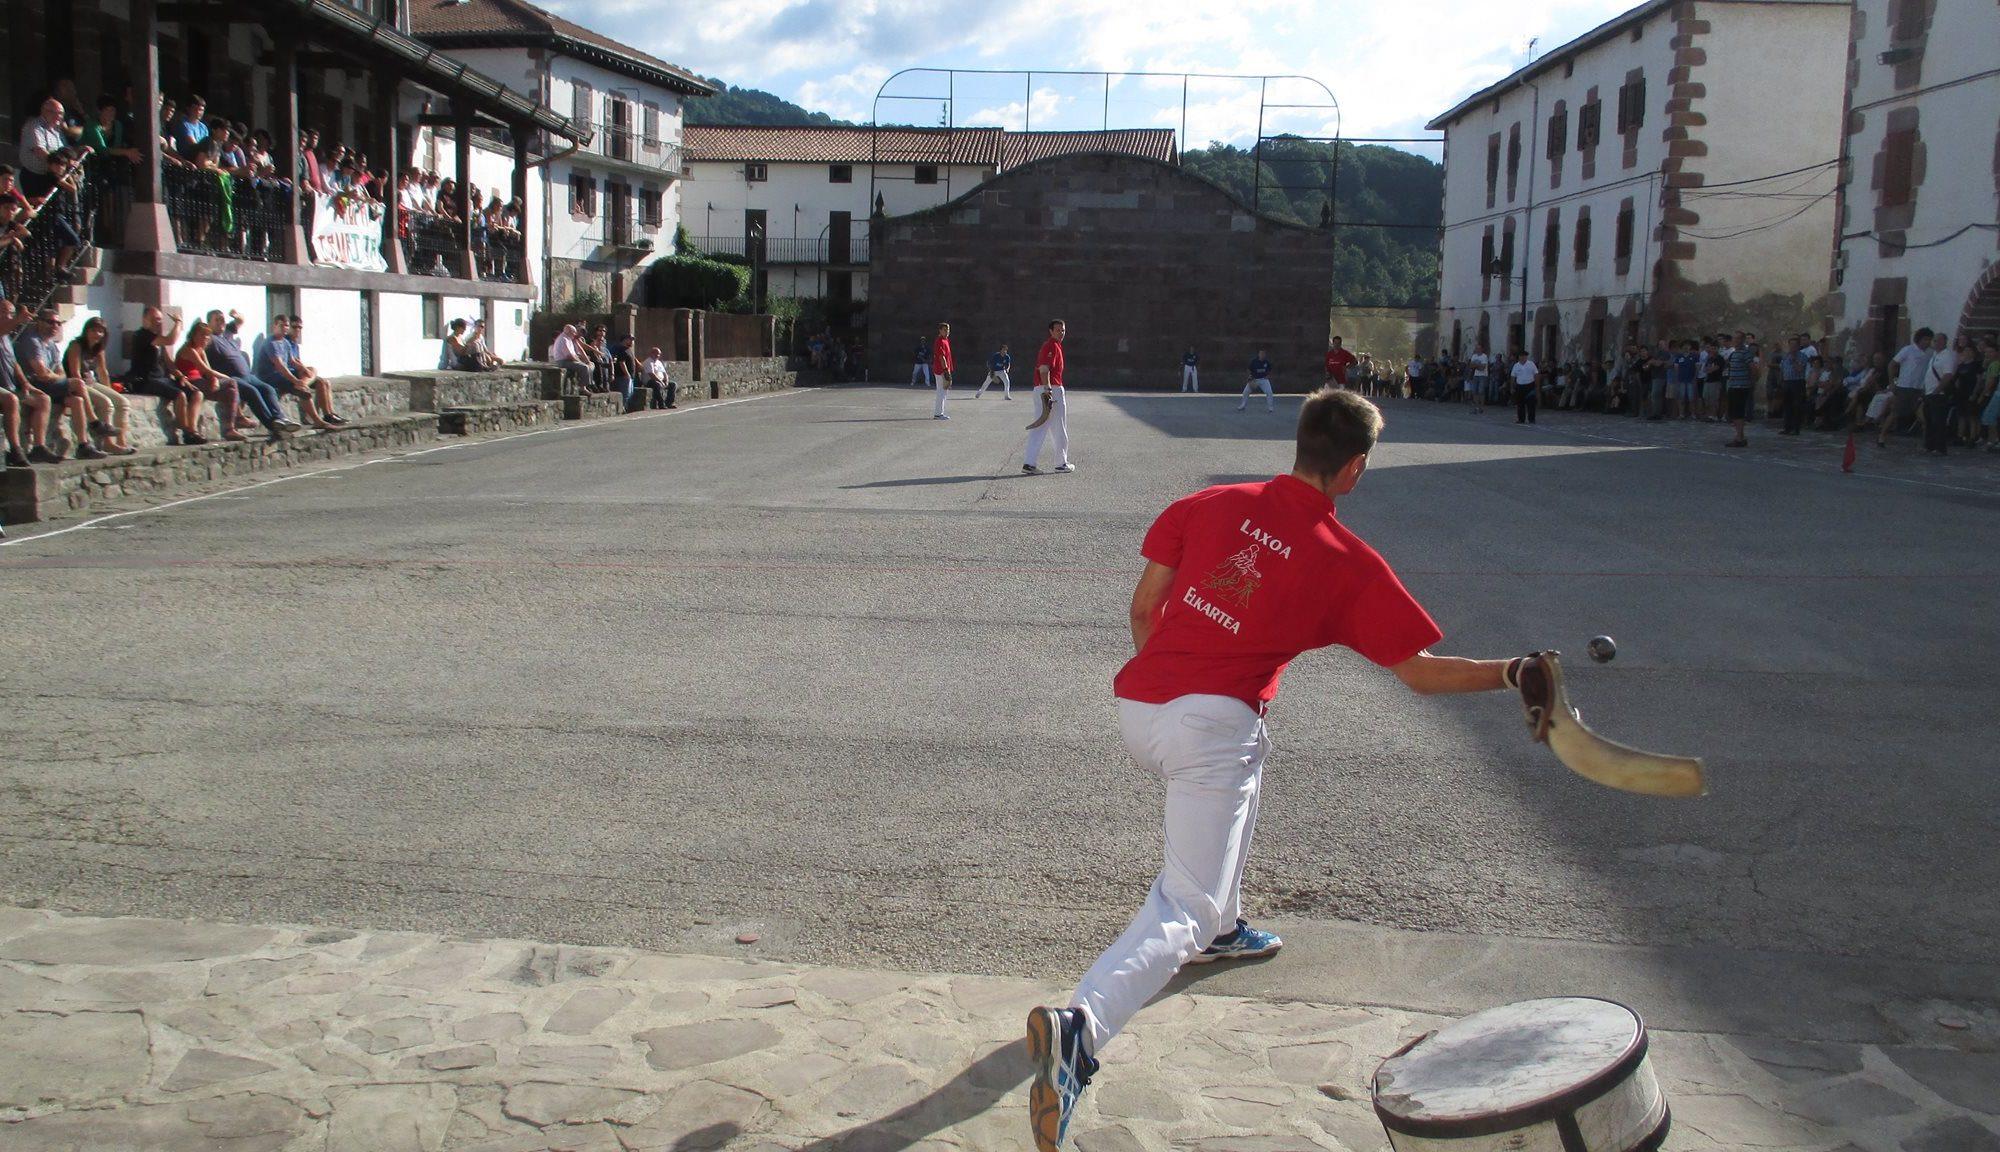 Juego de pelota en un escenario público